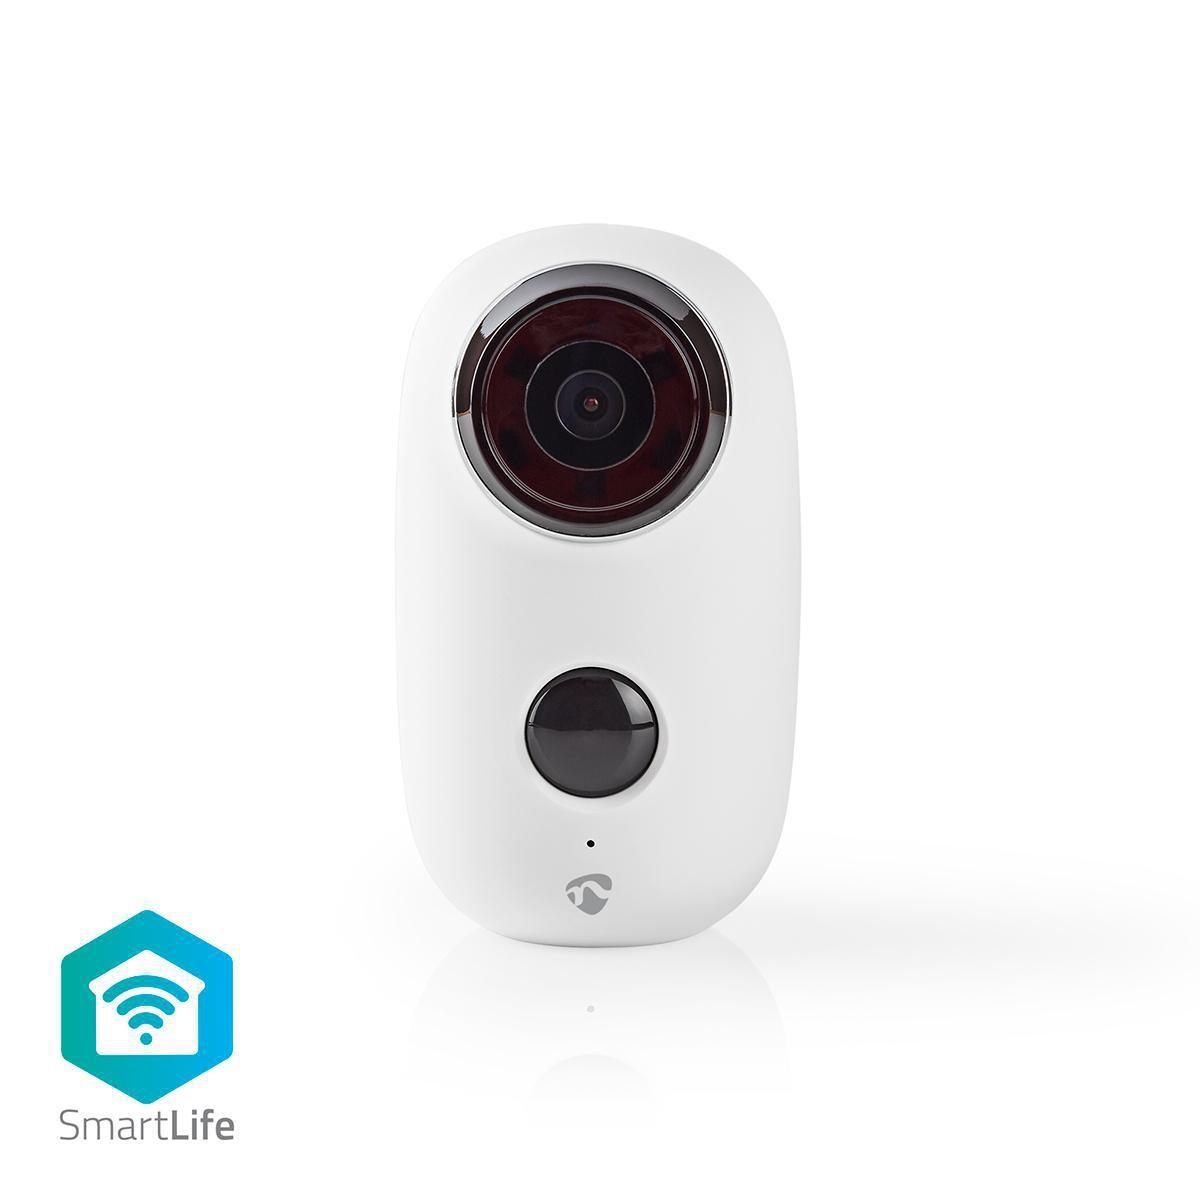 Laddningsbar IP-kamera | För utomhusbruk | PIR rörelsesensor | microSD | 6000 mAh